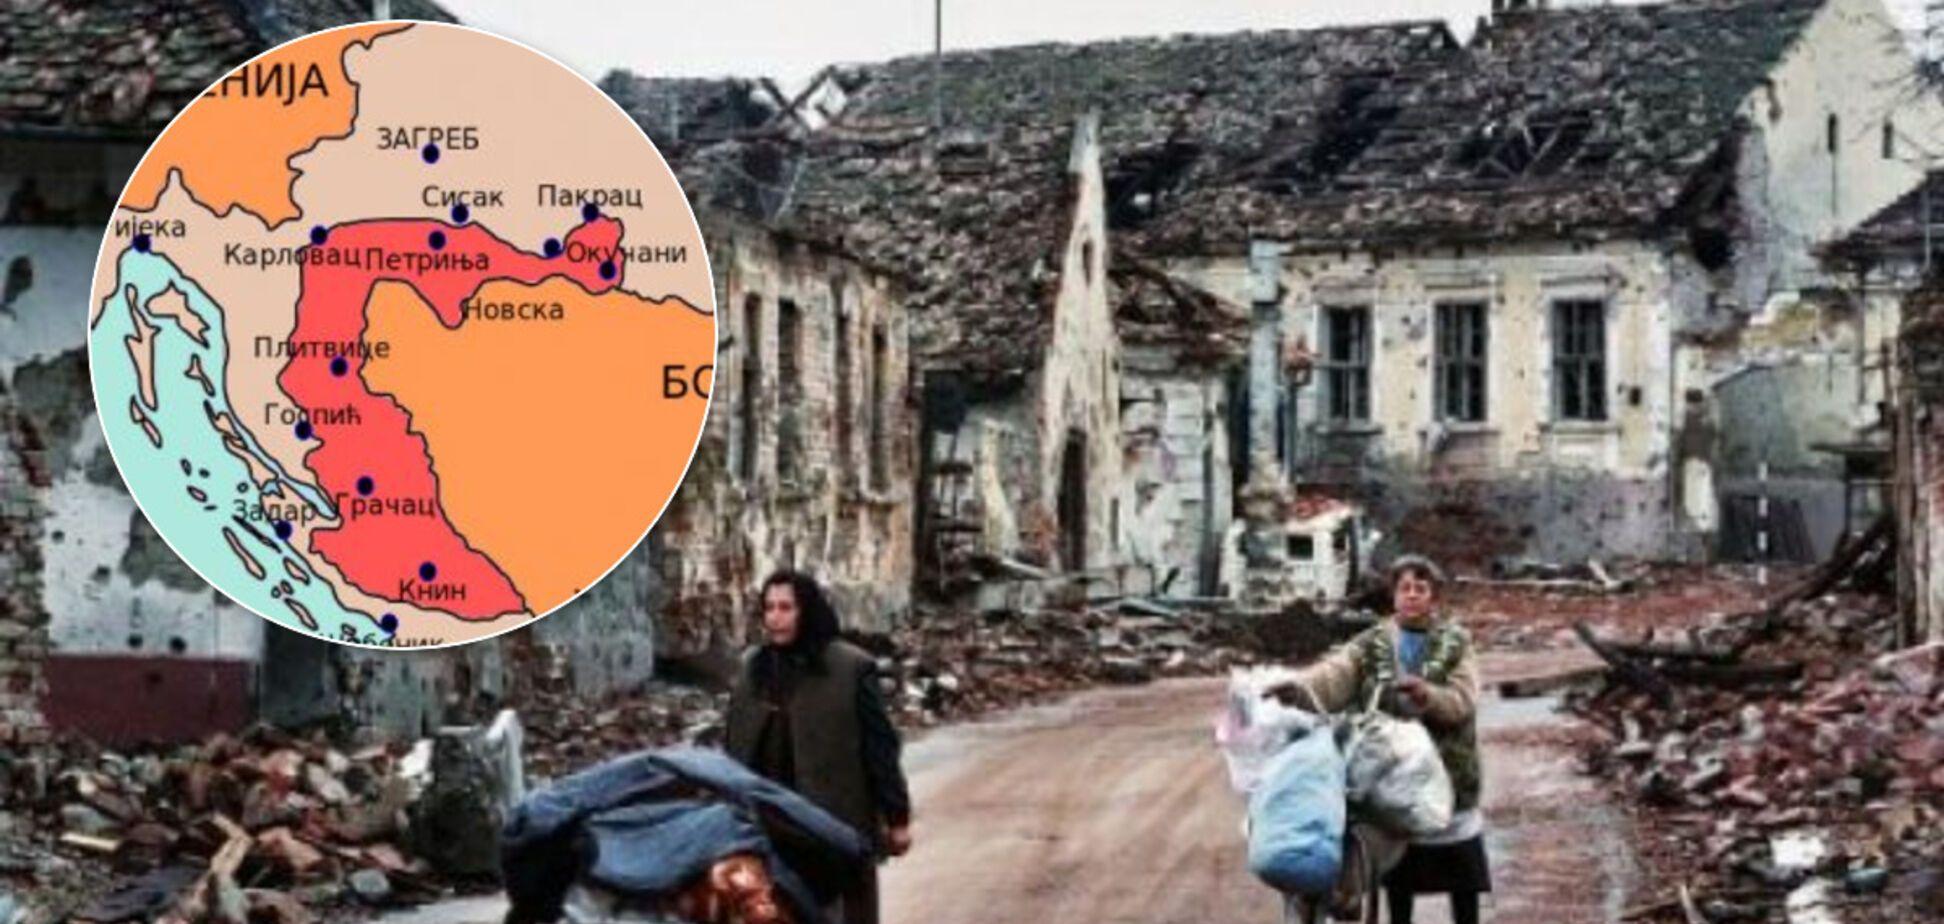 Патрулировать с россиянами и боевиками: почему 'хорватский сценарий' не сработает в Украине